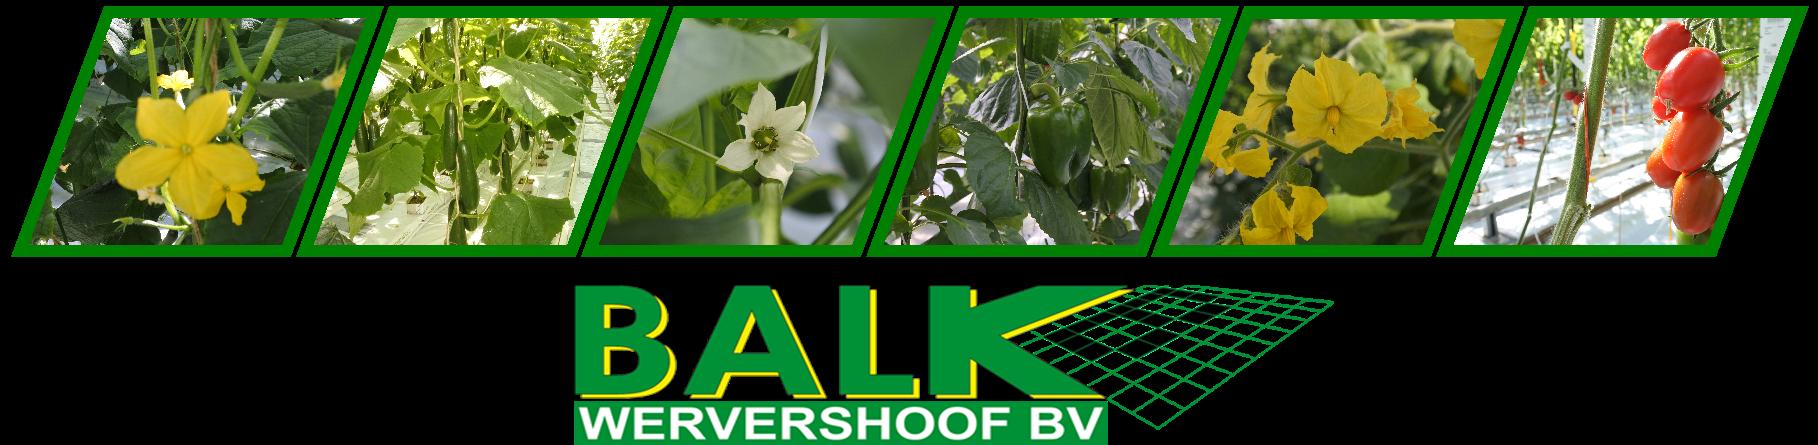 Balk Wervershoof BV